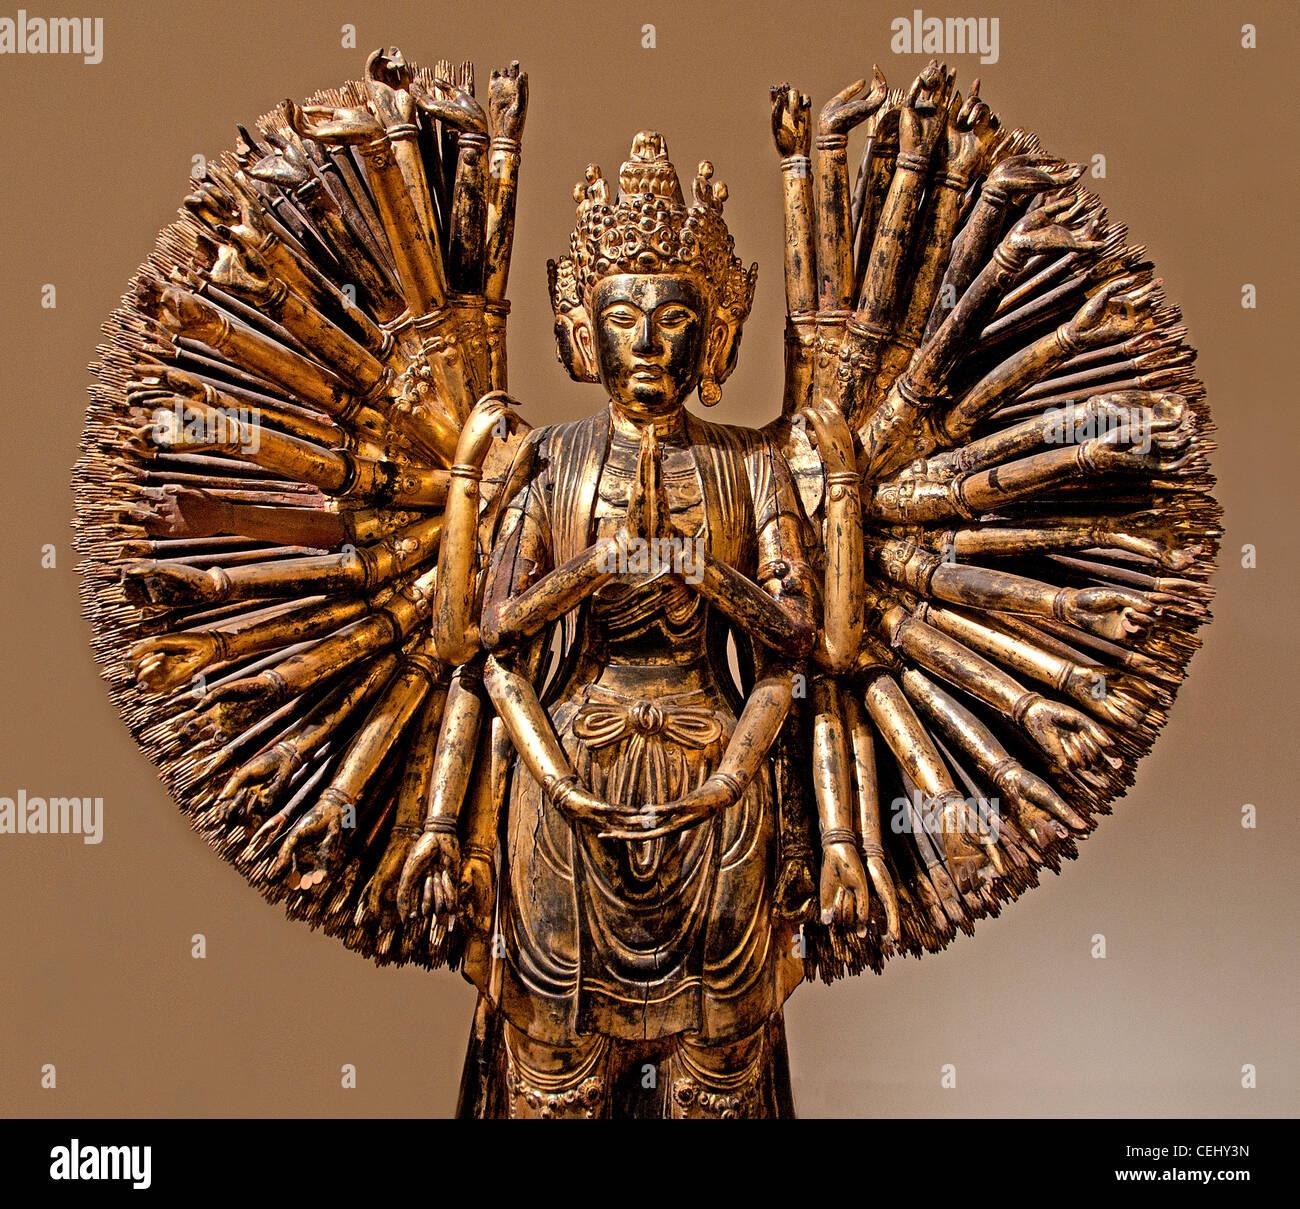 Bodhisattva Avalokitesvara Guanyin 1000 los brazos y los ojos de madera 5 Período de China de las dinastías Chinas AD 907-960 lacado de madera dorada Foto de stock